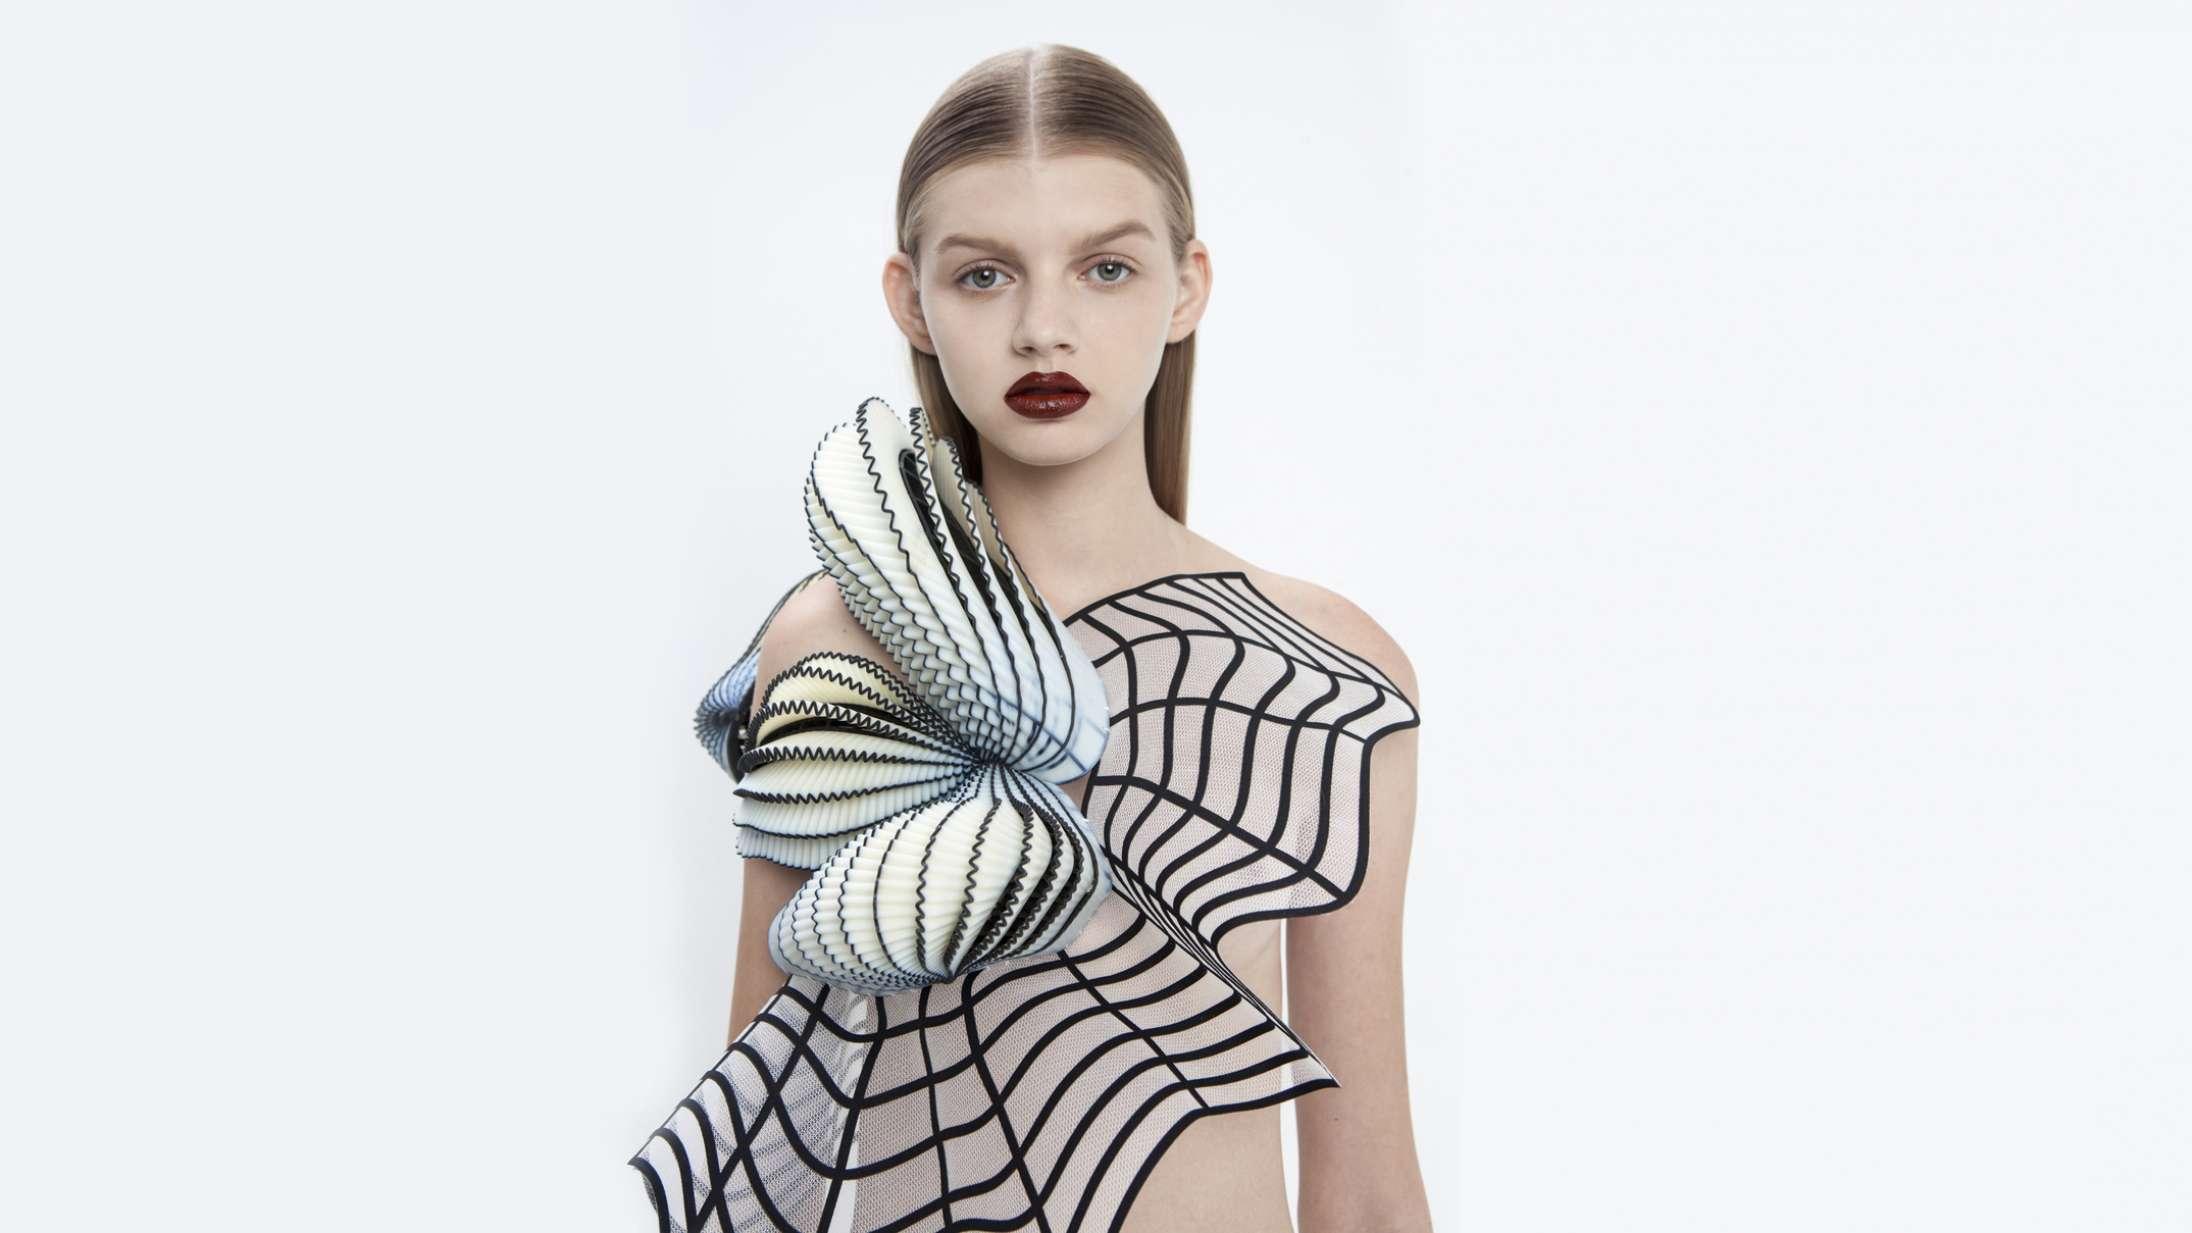 Teknologien skal hjælpe modeindustrien tilbage på sporet